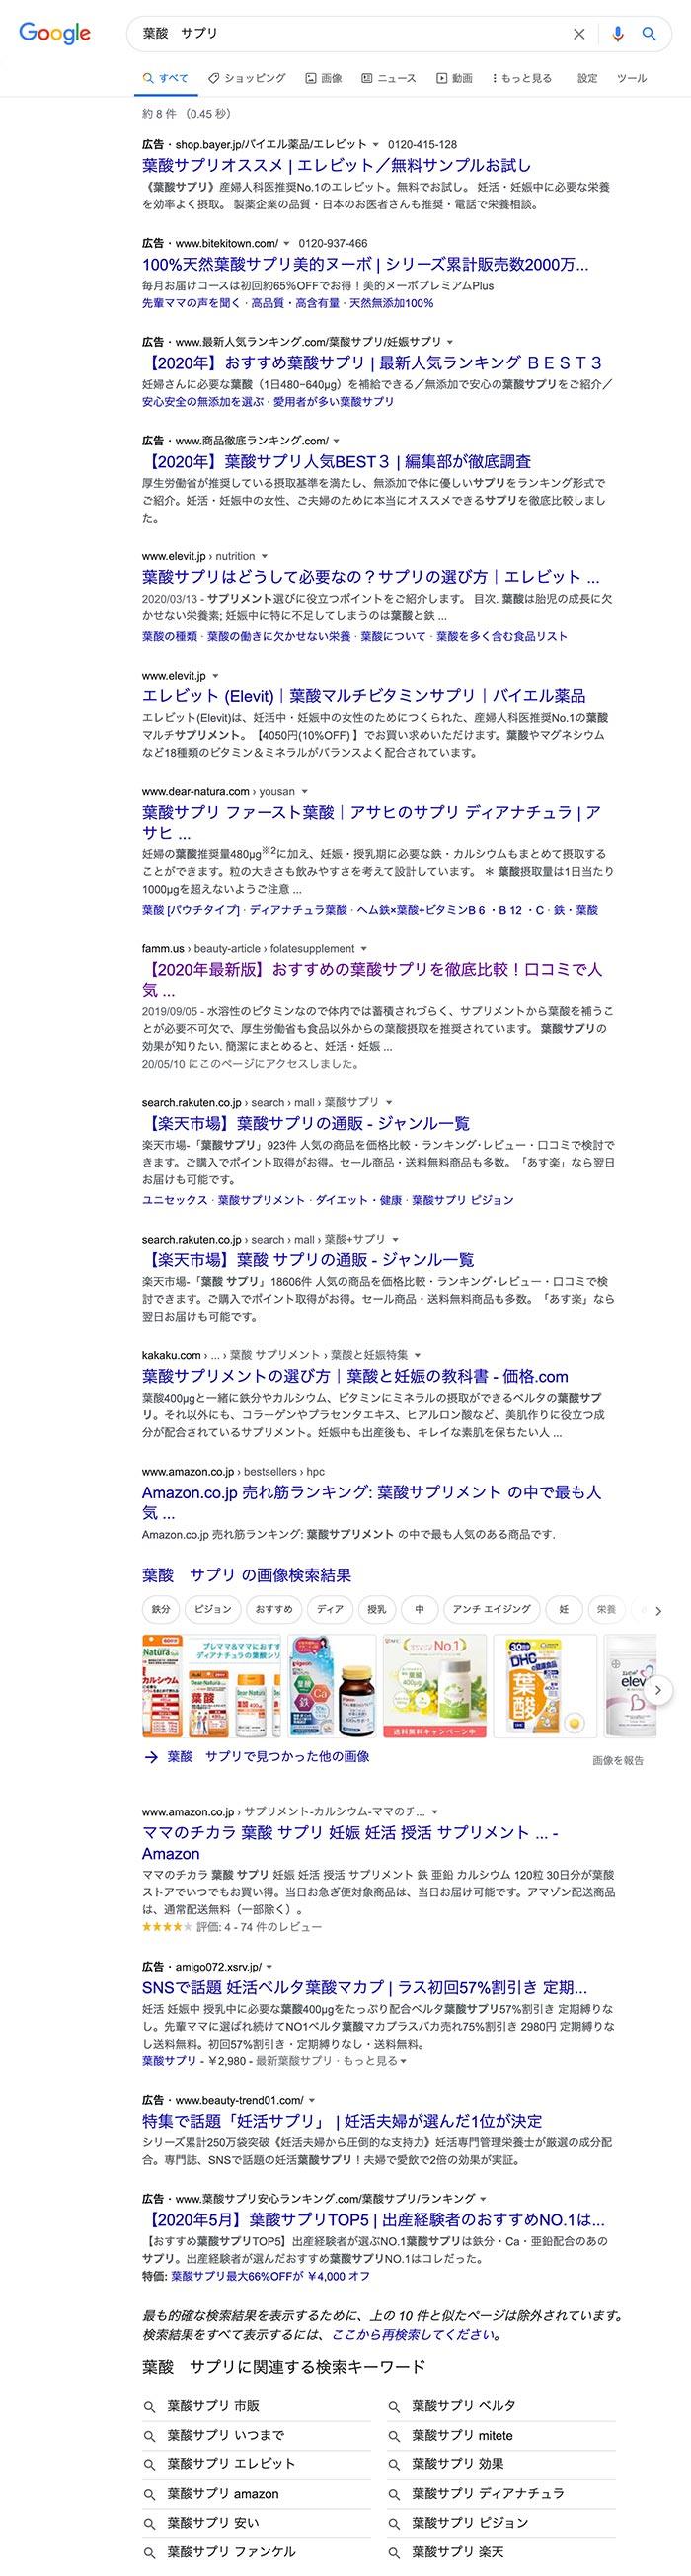 葉酸サプリ 検索結果